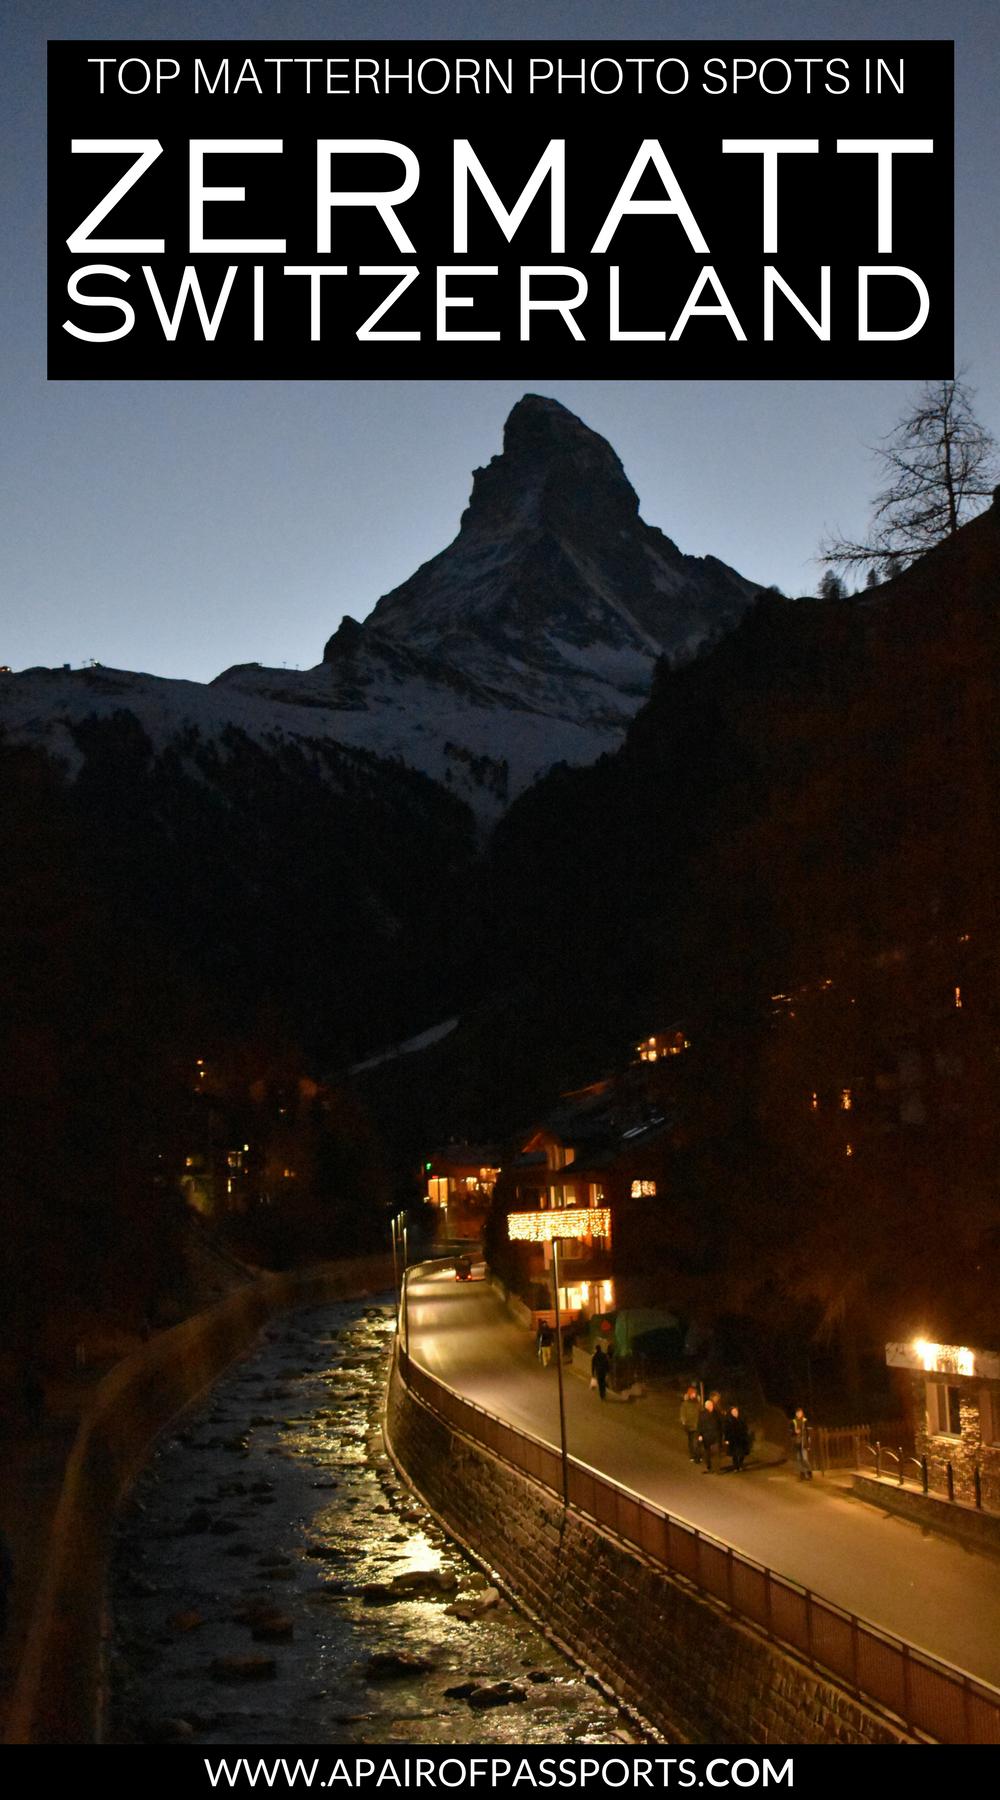 Zermatt, Switzerland   Where to take photos of the Matterhorn   Best photos of the Matterhorn   Favorite spots for taking photos of the Matterhorn